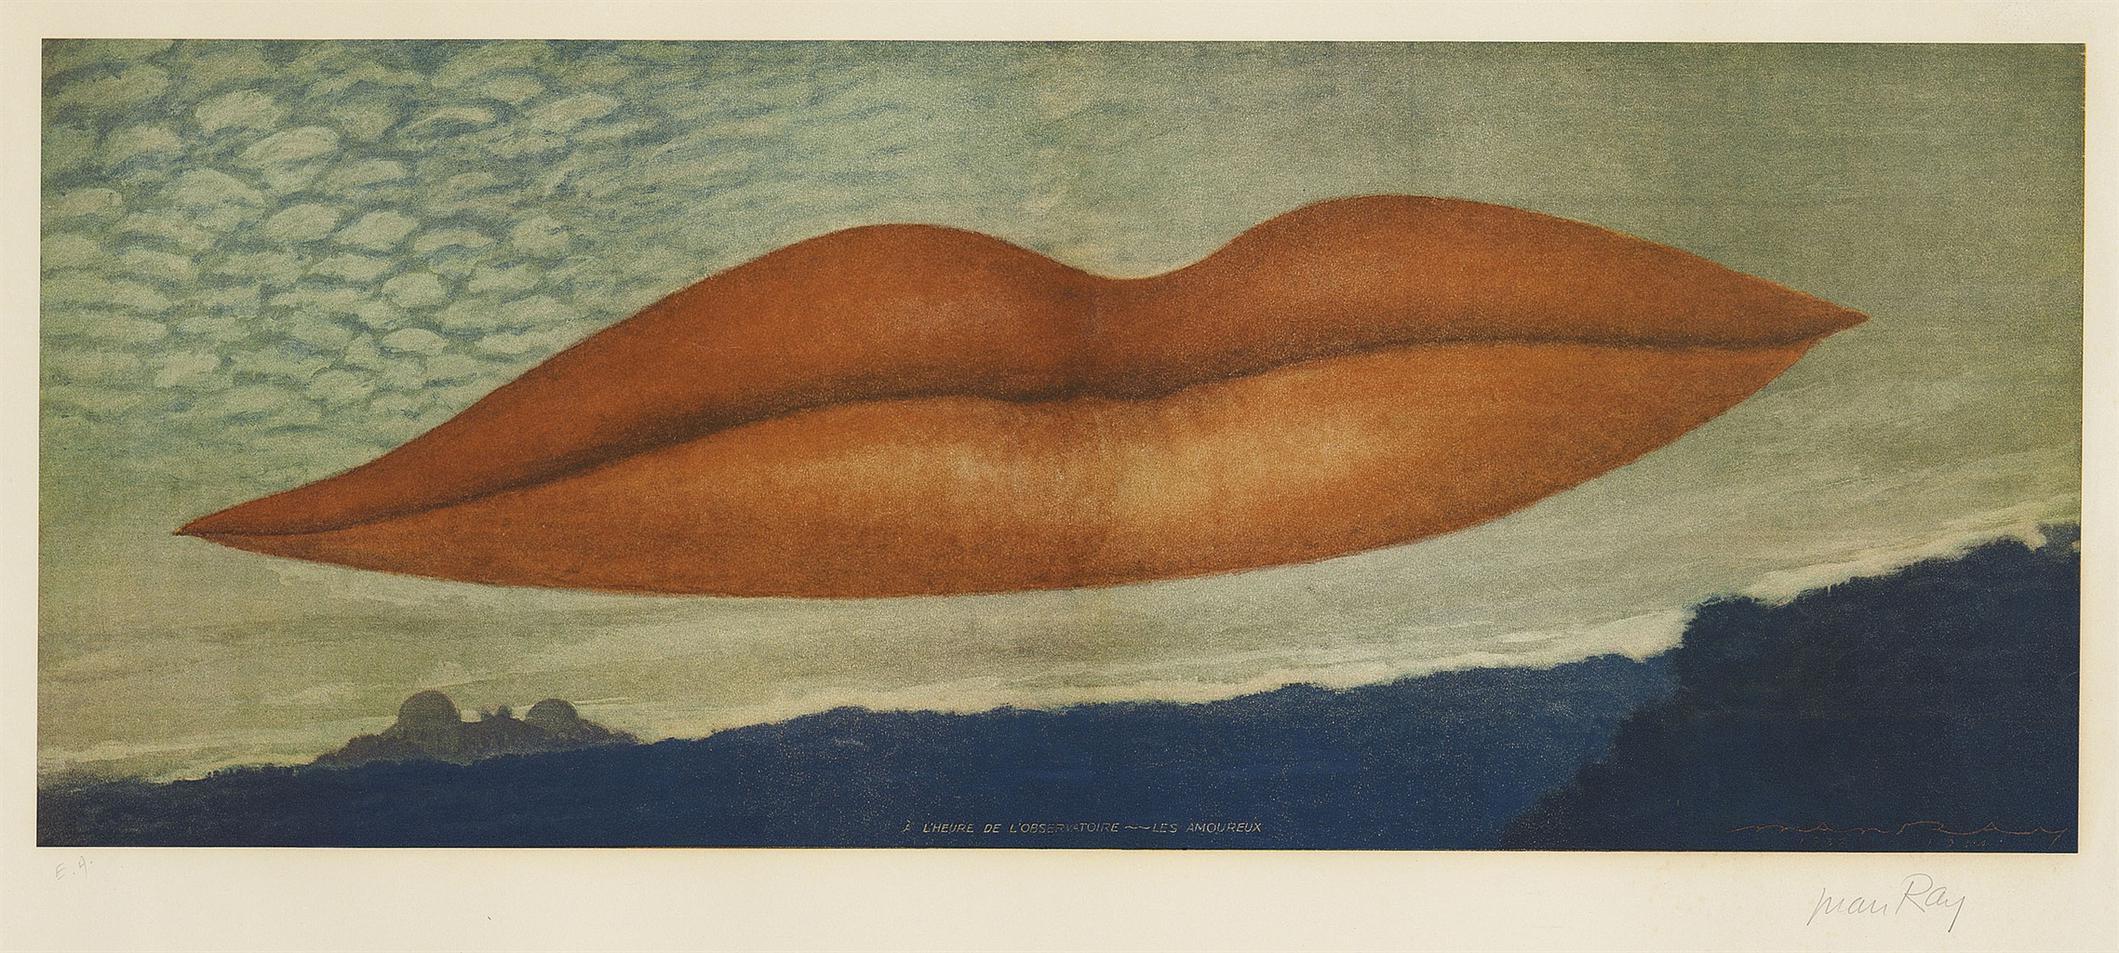 Man Ray-A Lheure De Lobservatoire - Les Amoureux-1970